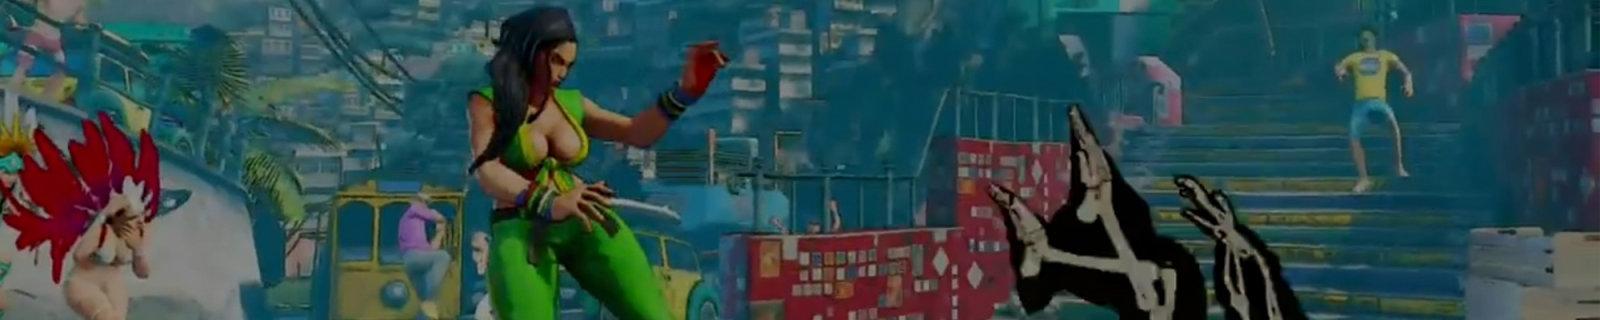 《街霸5》新角色劳拉正式公开